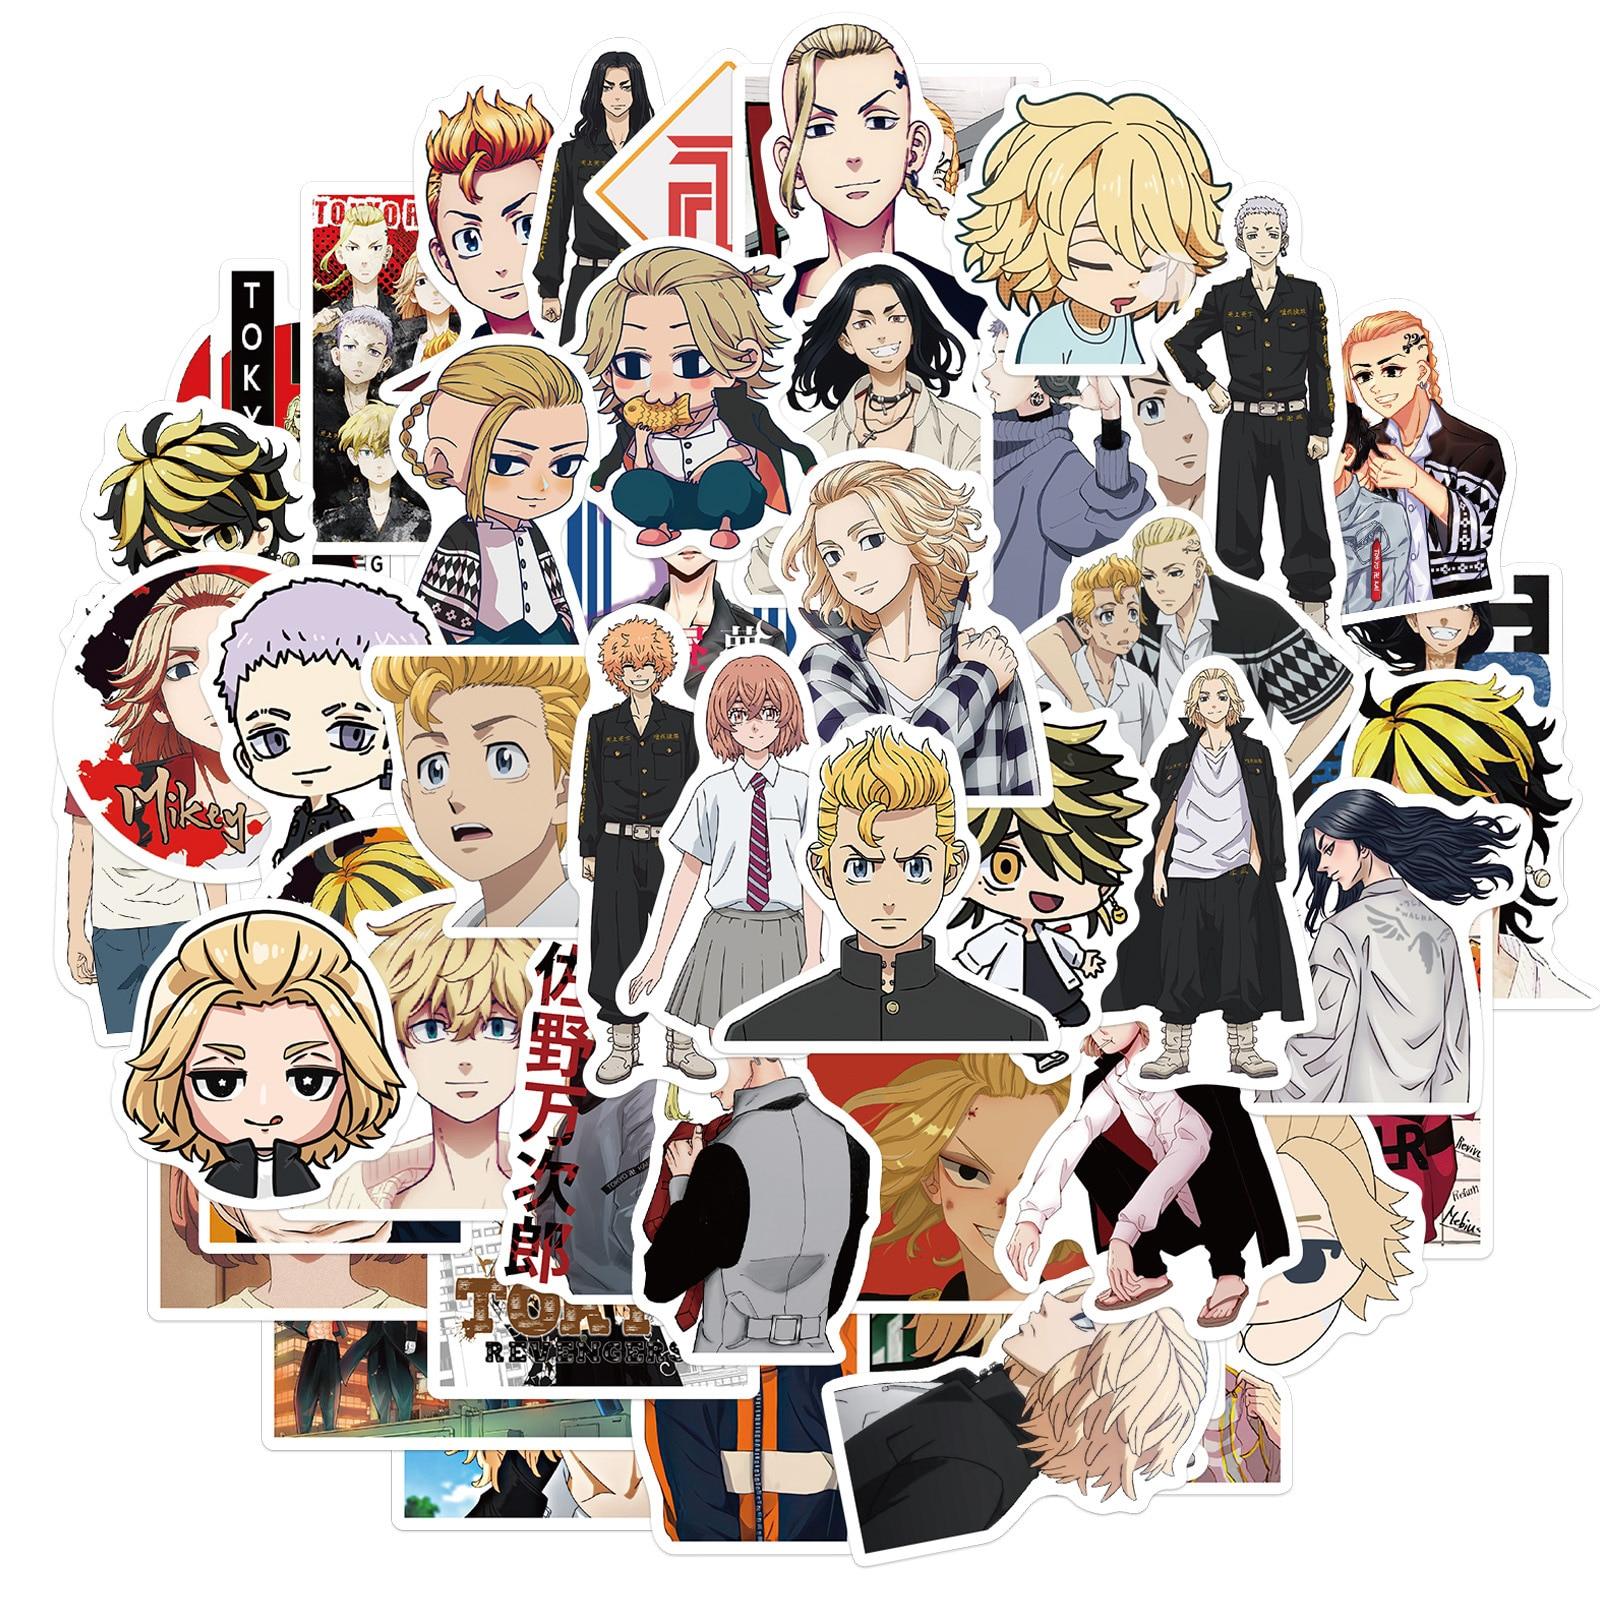 10-30-50-uds-niman-tokio-vengadores-de-anime-de-dibujos-animados-graffiti-portatil-equipaje-de-mano-cuenta-decoracion-pegatinas-juguetes-al-por-mayor